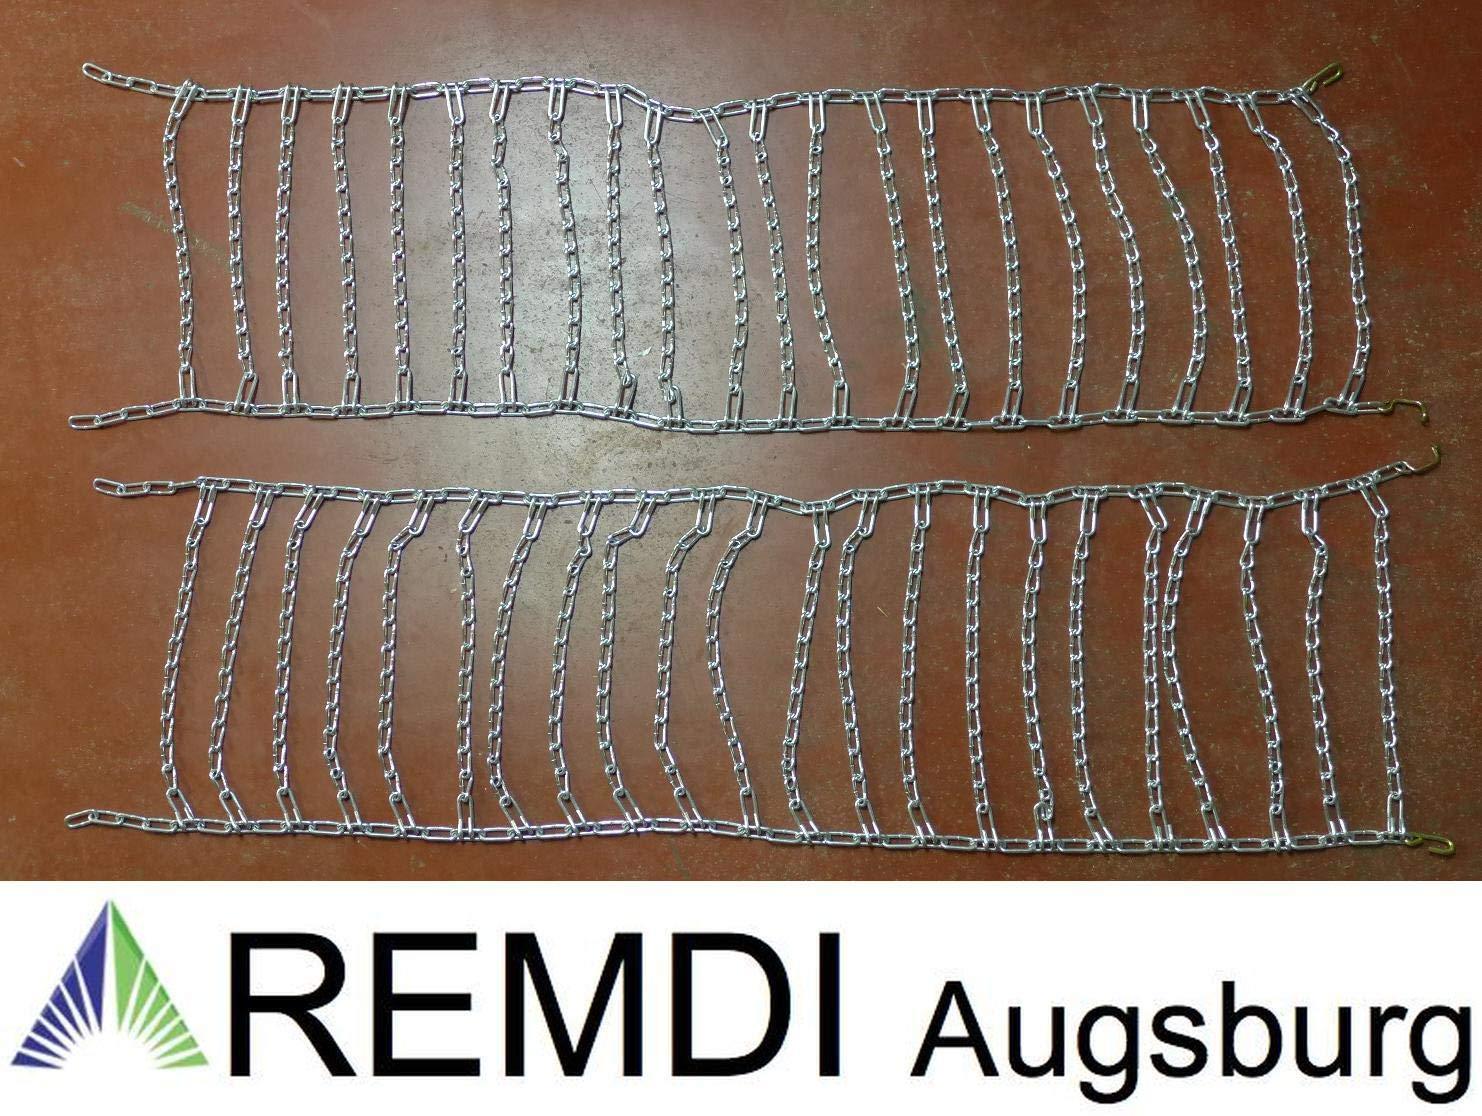 Remdi Augsburg Schneeketten 24x13.00-12 (24 x 13.00-12) Profi Ausführung Gliederstärke 4,5mm